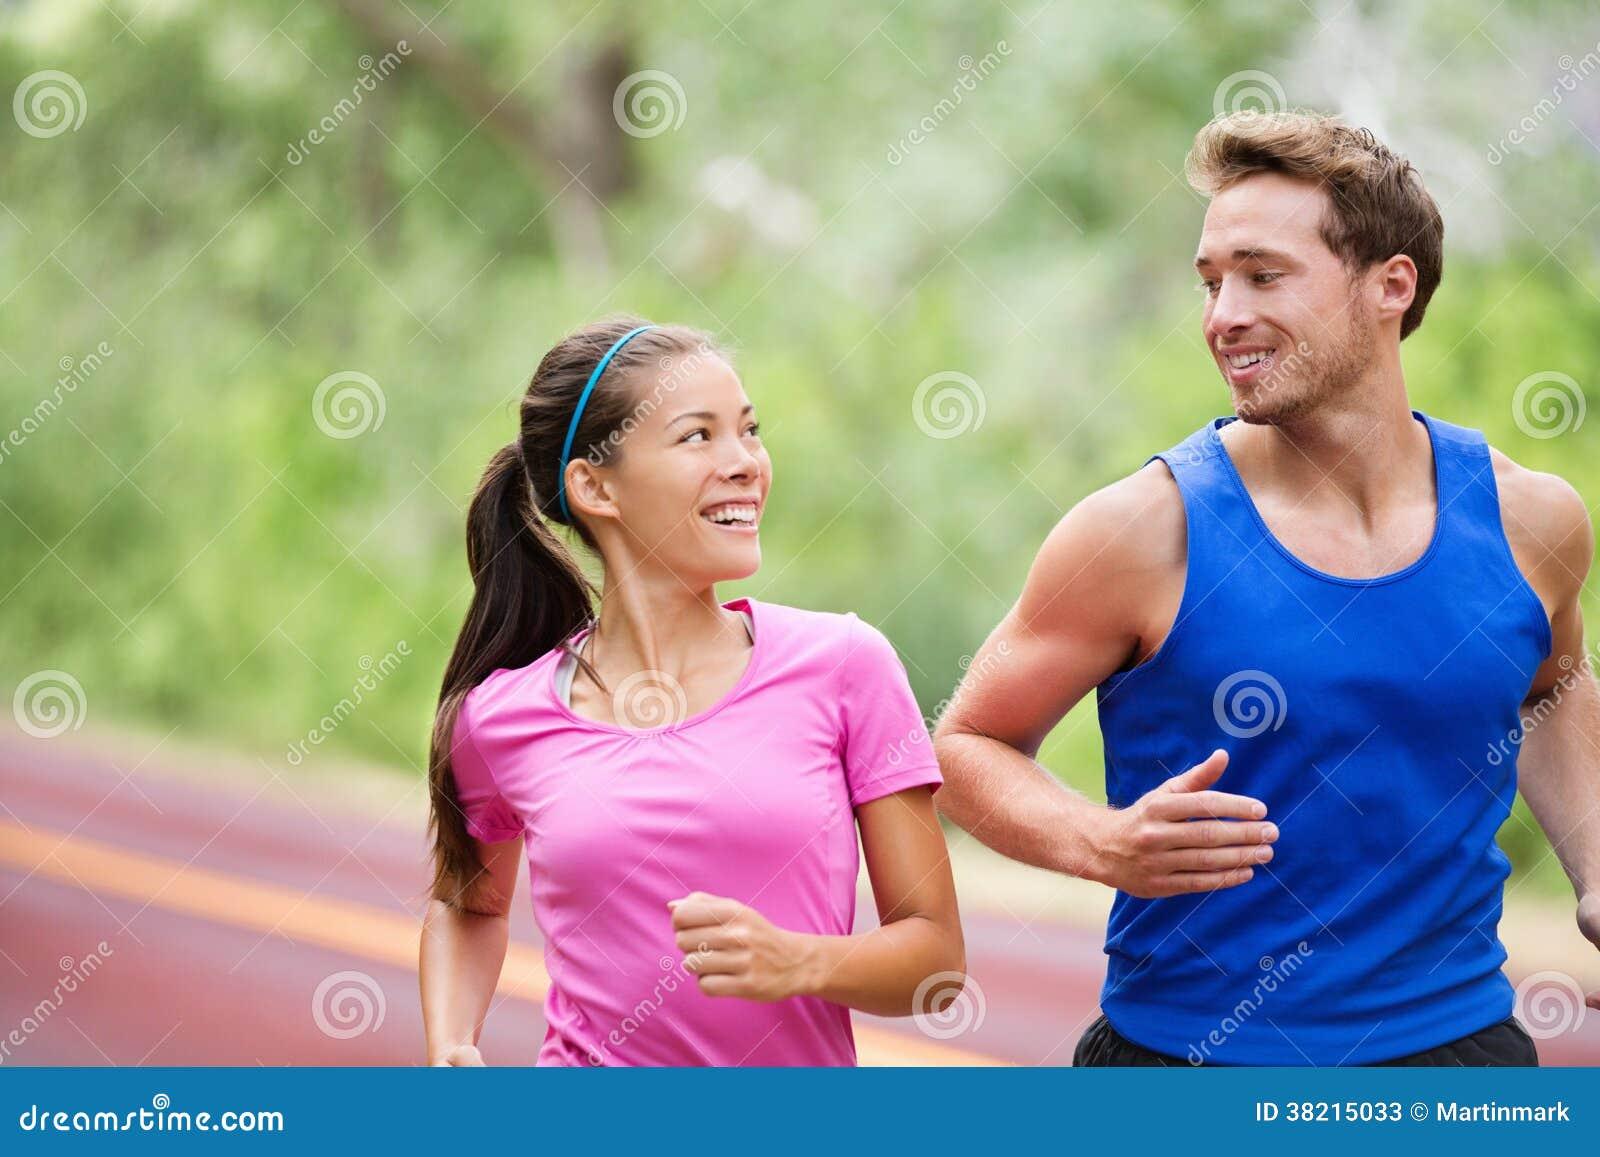 Zdrowy styl życia - Biegać sprawności fizycznej pary jogging